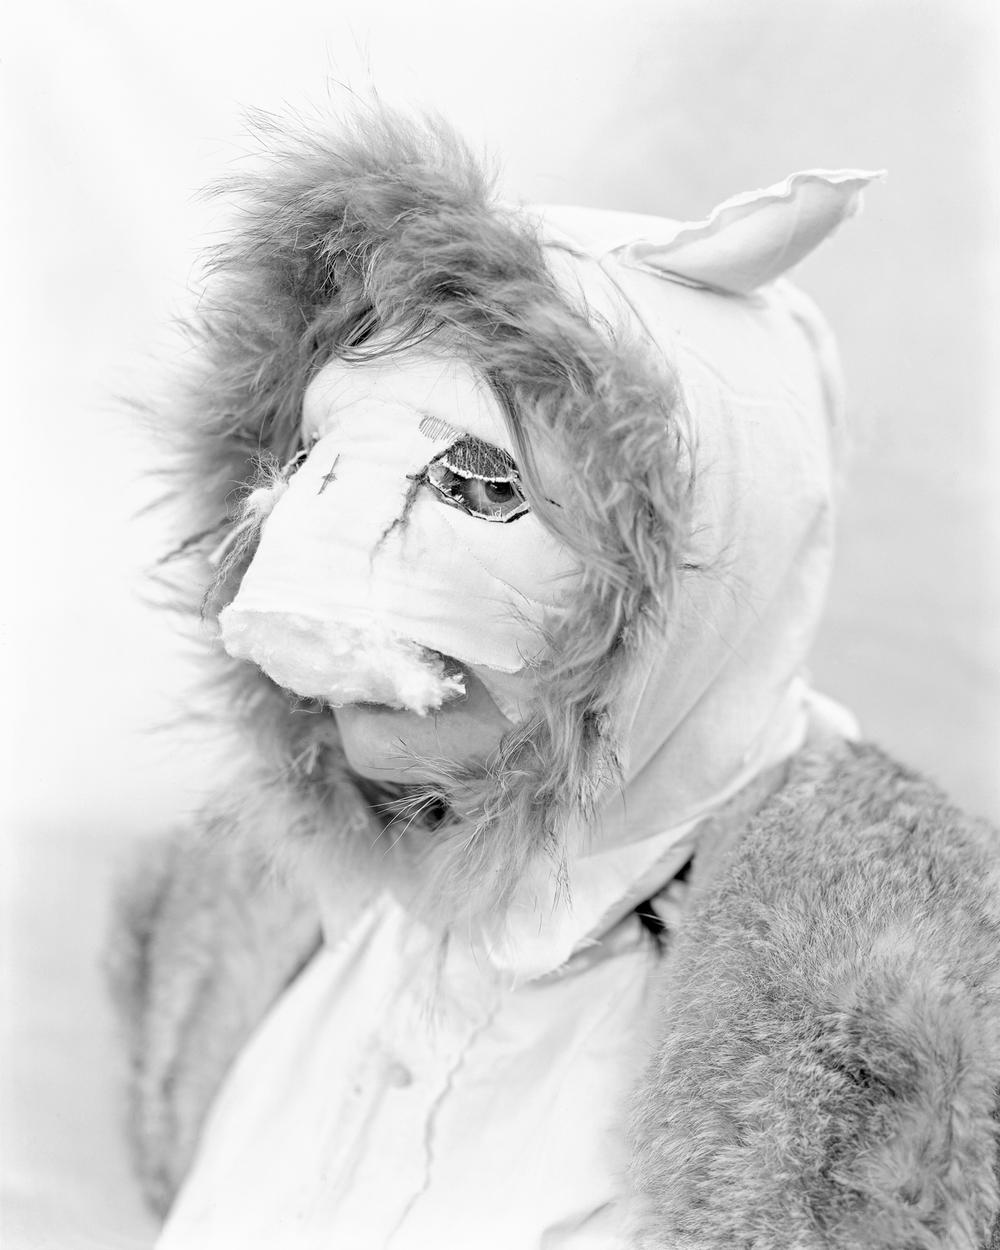 Winter Mask (Katy Foley) , 2010 gelatin silver print 24 x 20 in (61 x 50.8 cm)